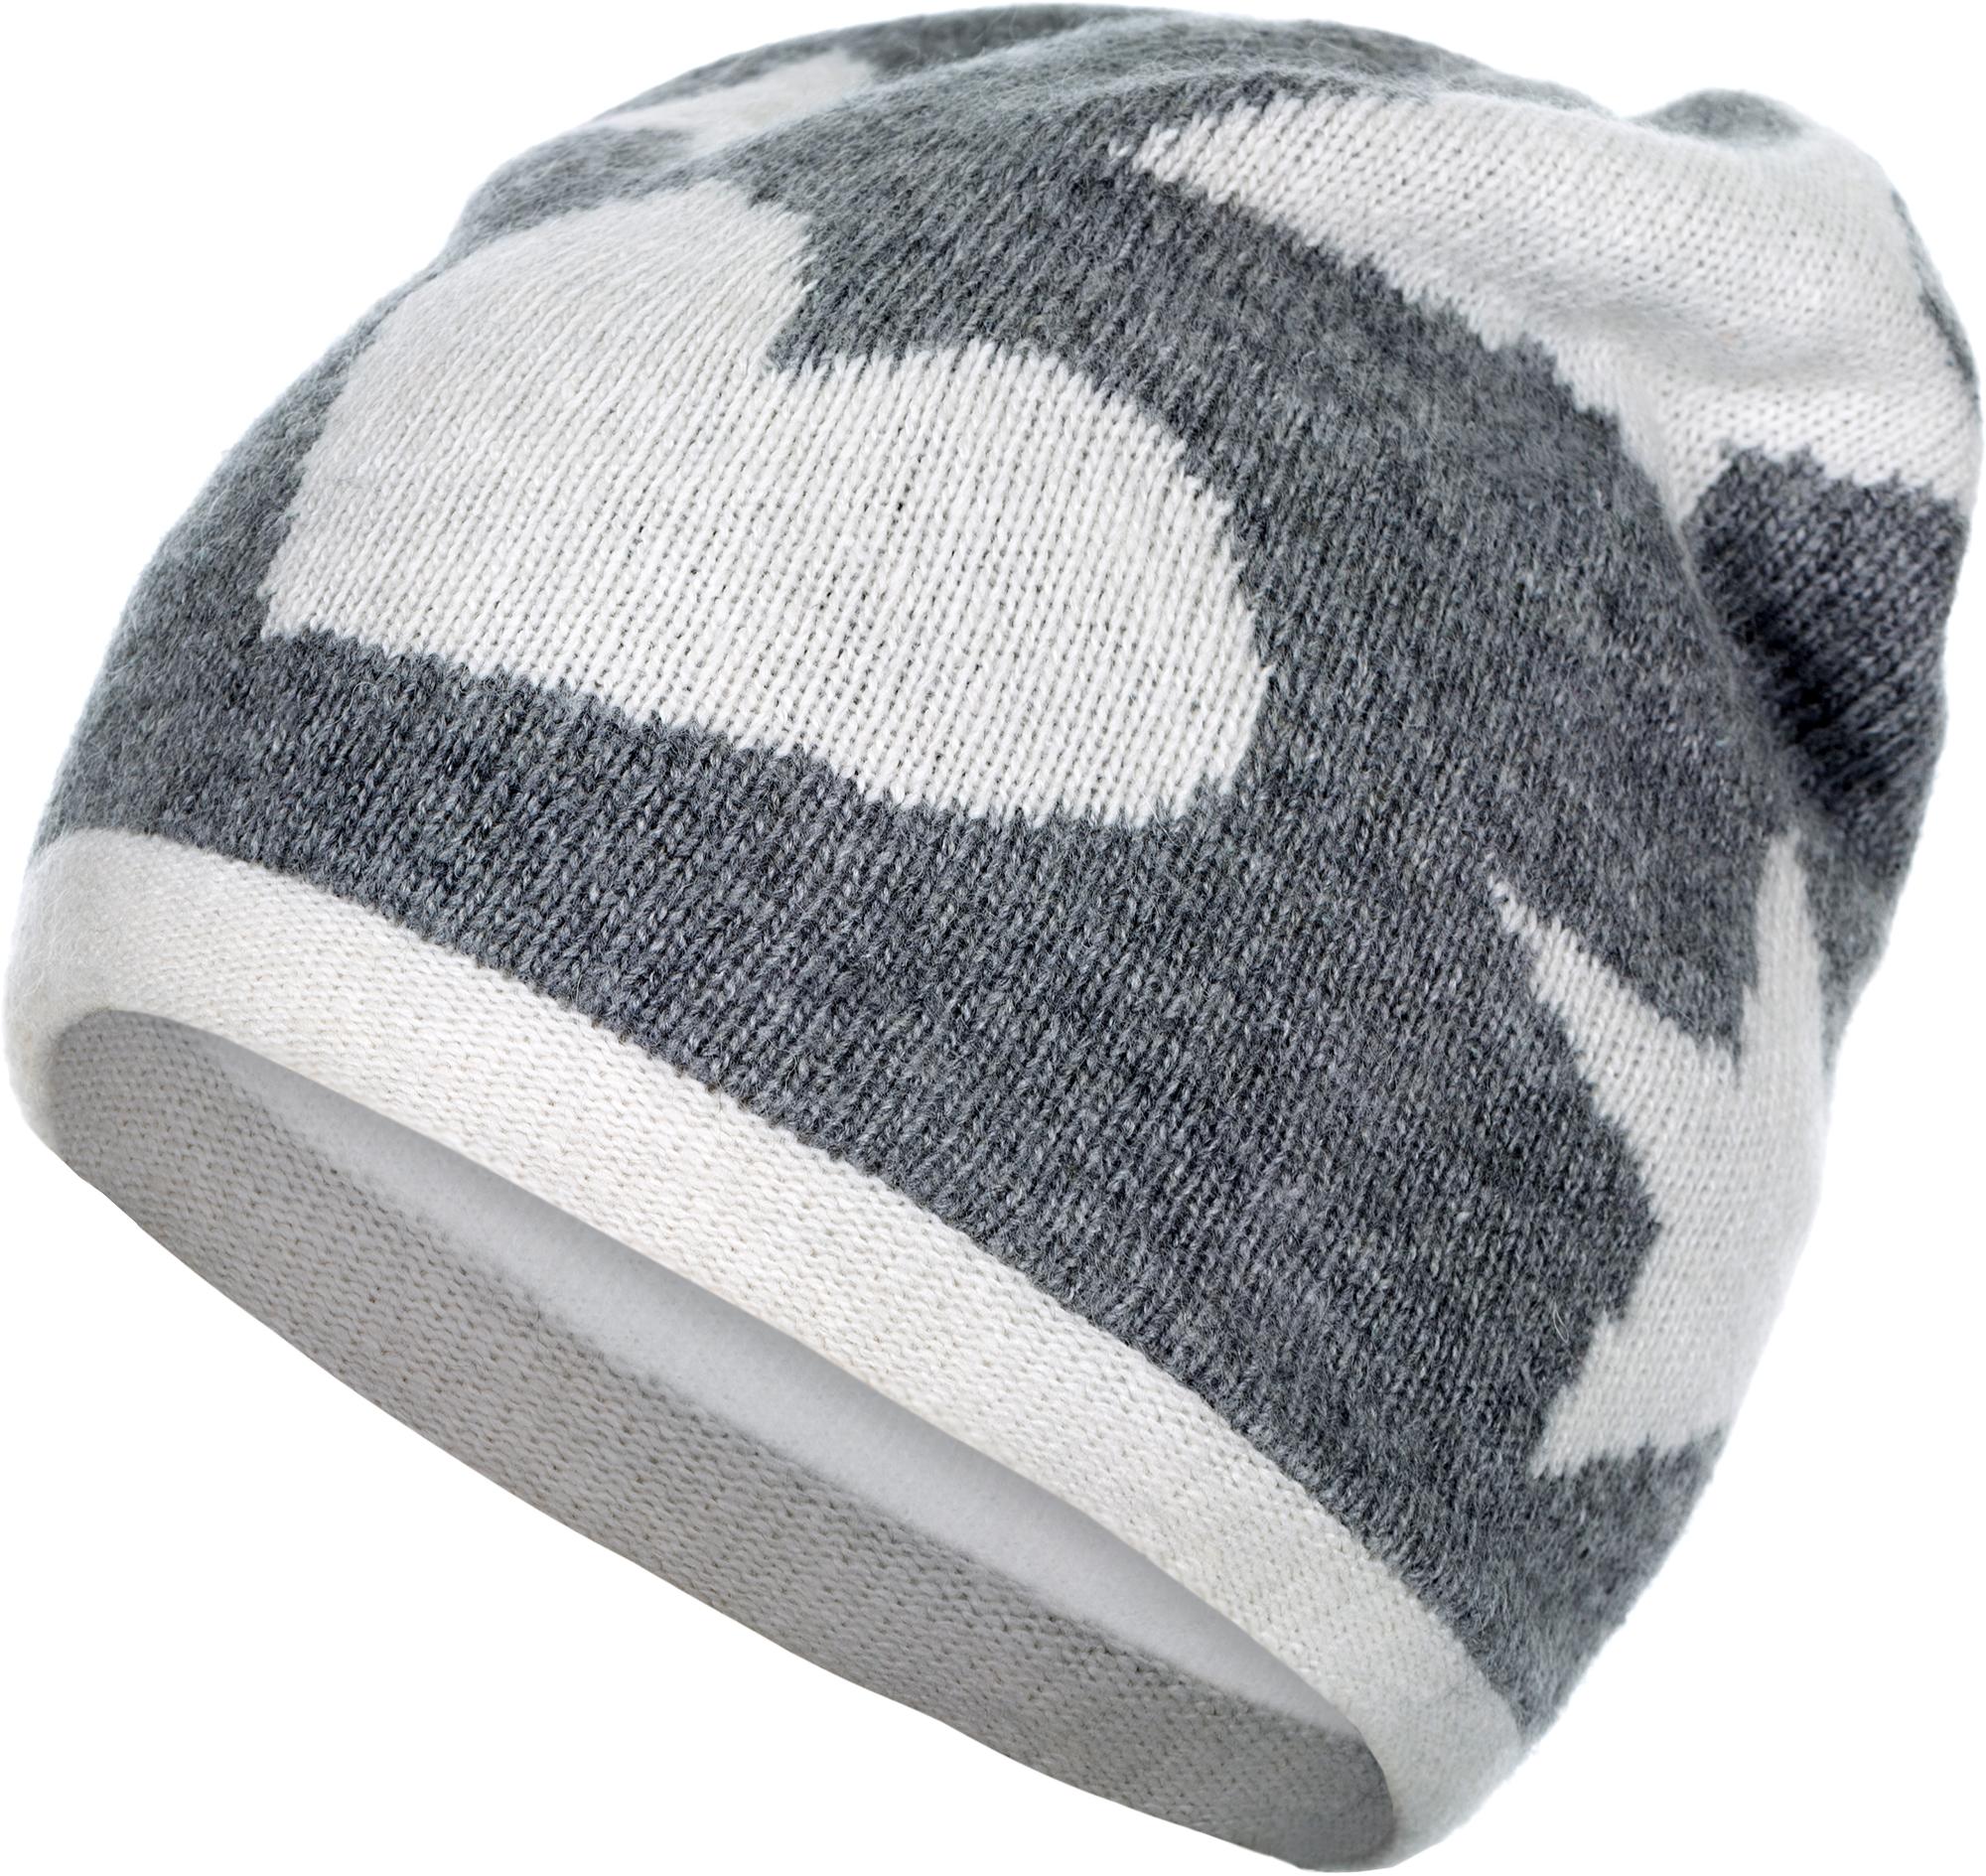 IcePeak Шапка для девочек IcePeak, размер Без размера icepeak шапка для девочек icepeak lito размер без размера